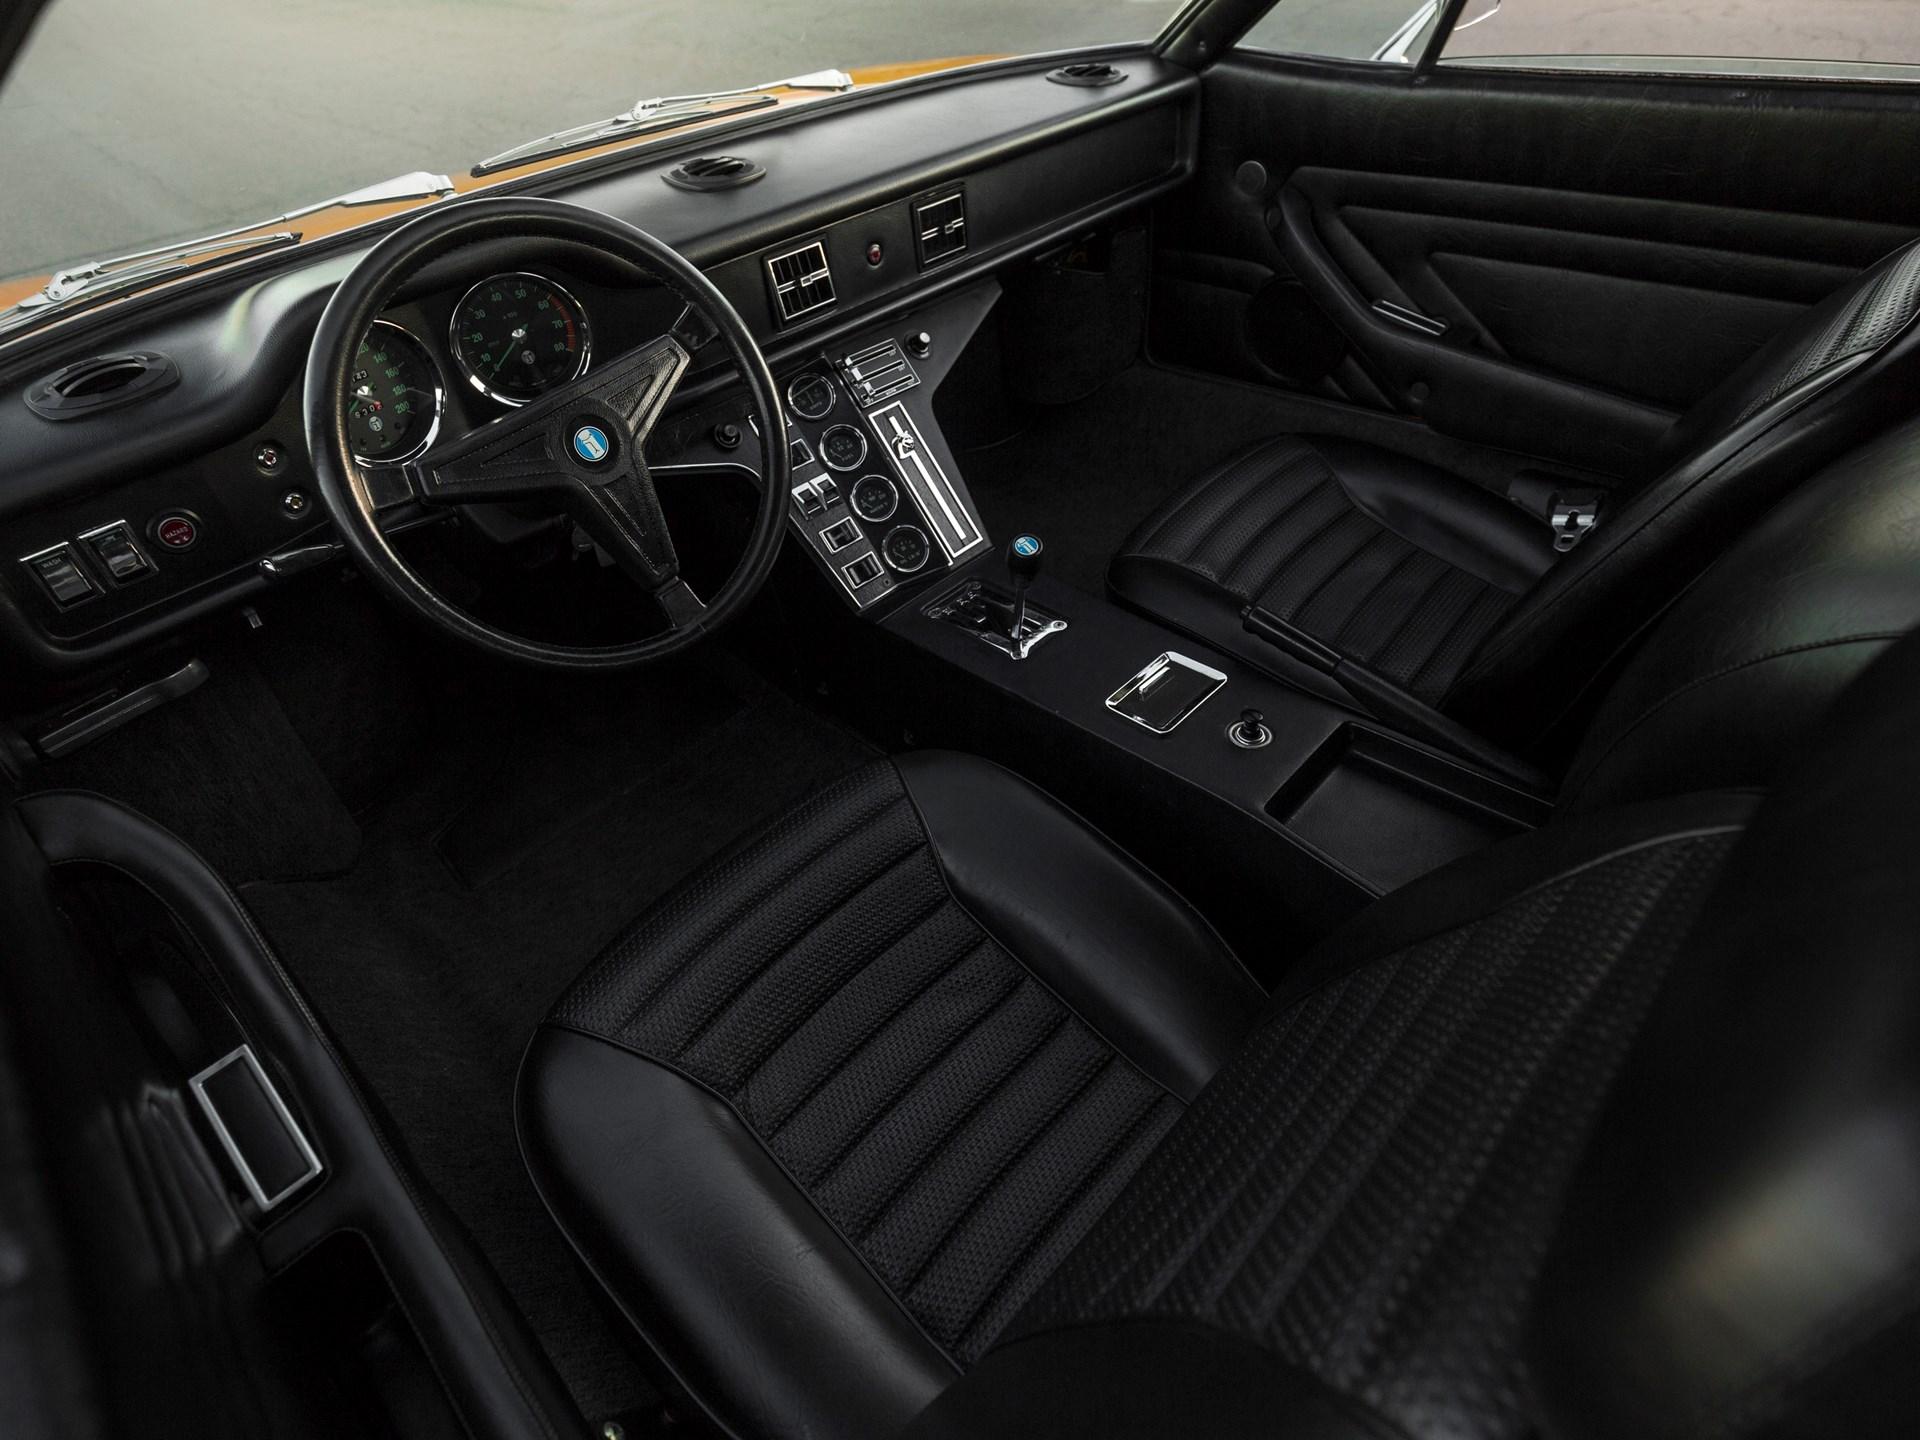 1973 De Tomaso Pantera interior driver